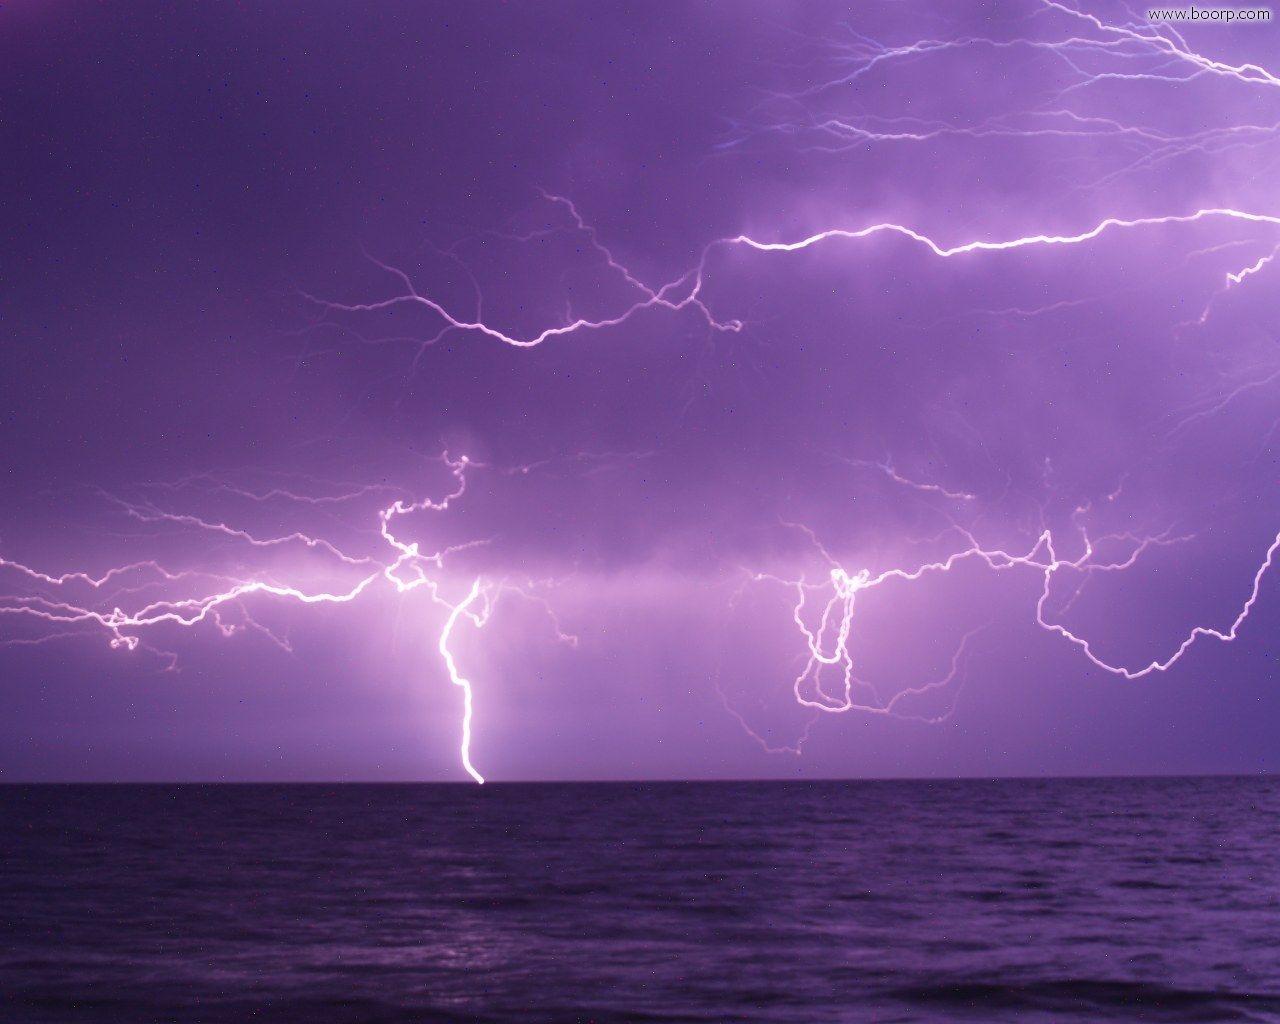 Allerta meteo veneto stato di attenzione e preallarme per for Immagini spettacolari per desktop